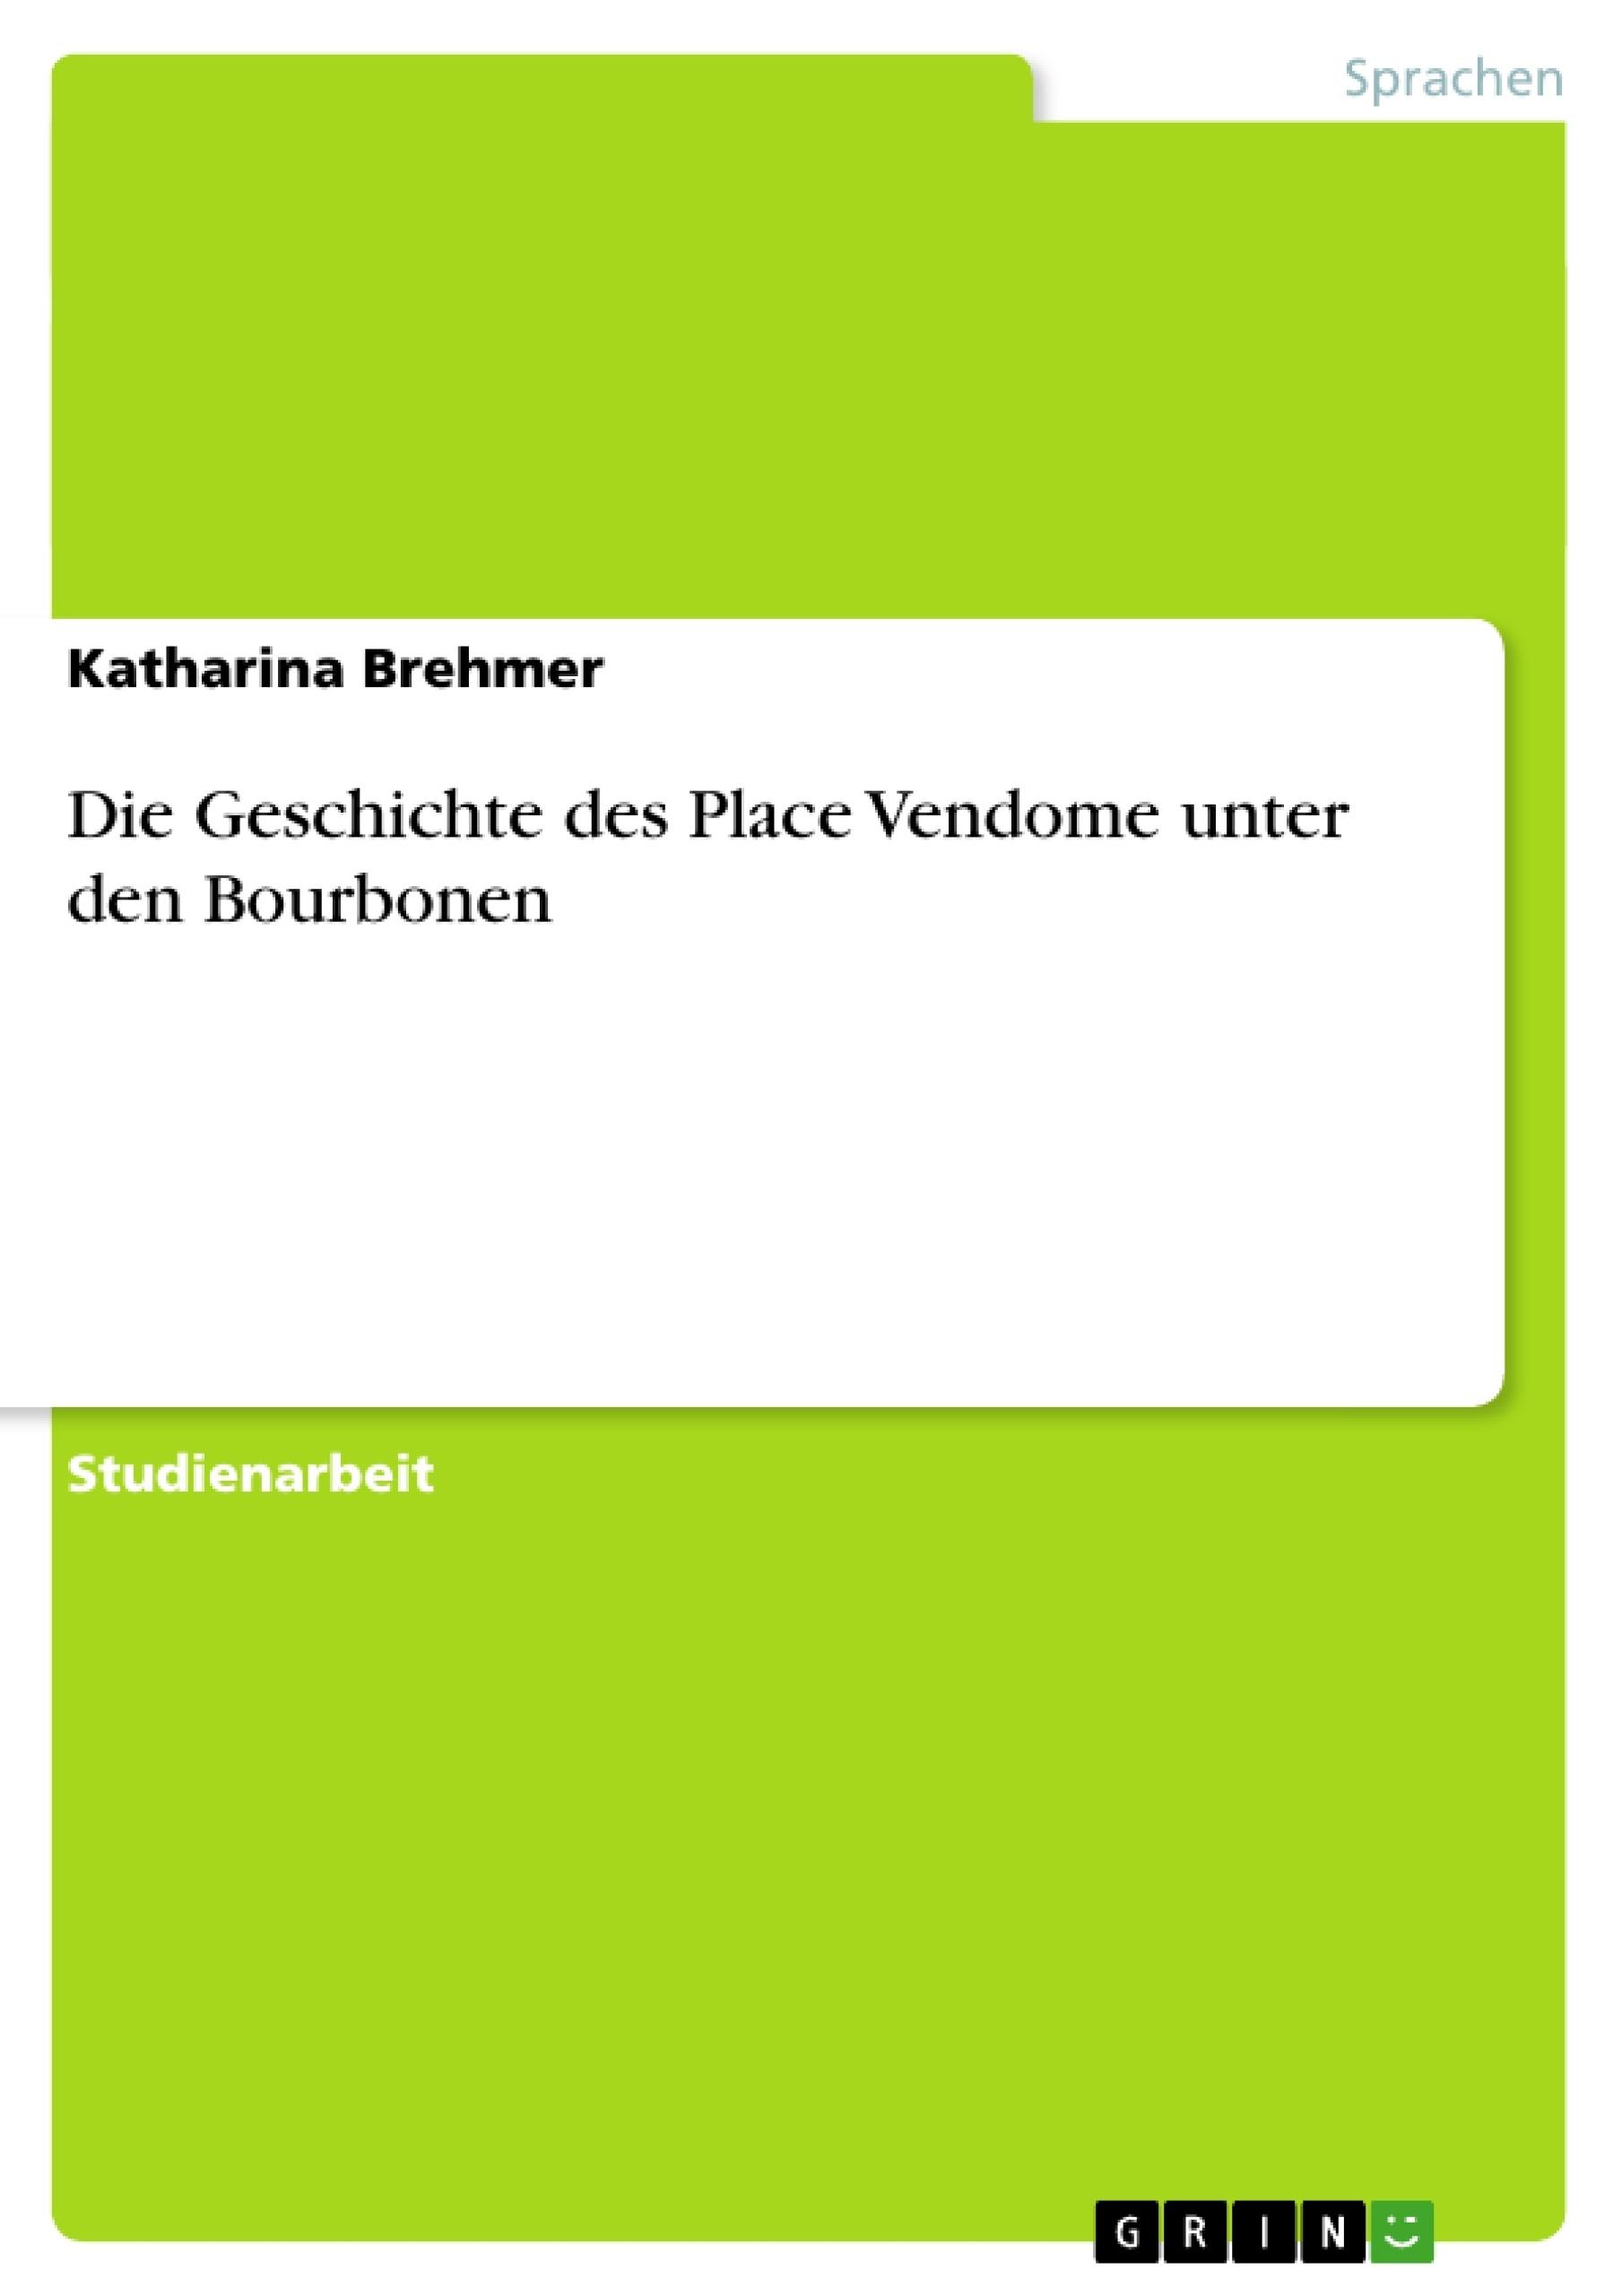 Titel: Die Geschichte des Place Vendome unter den Bourbonen